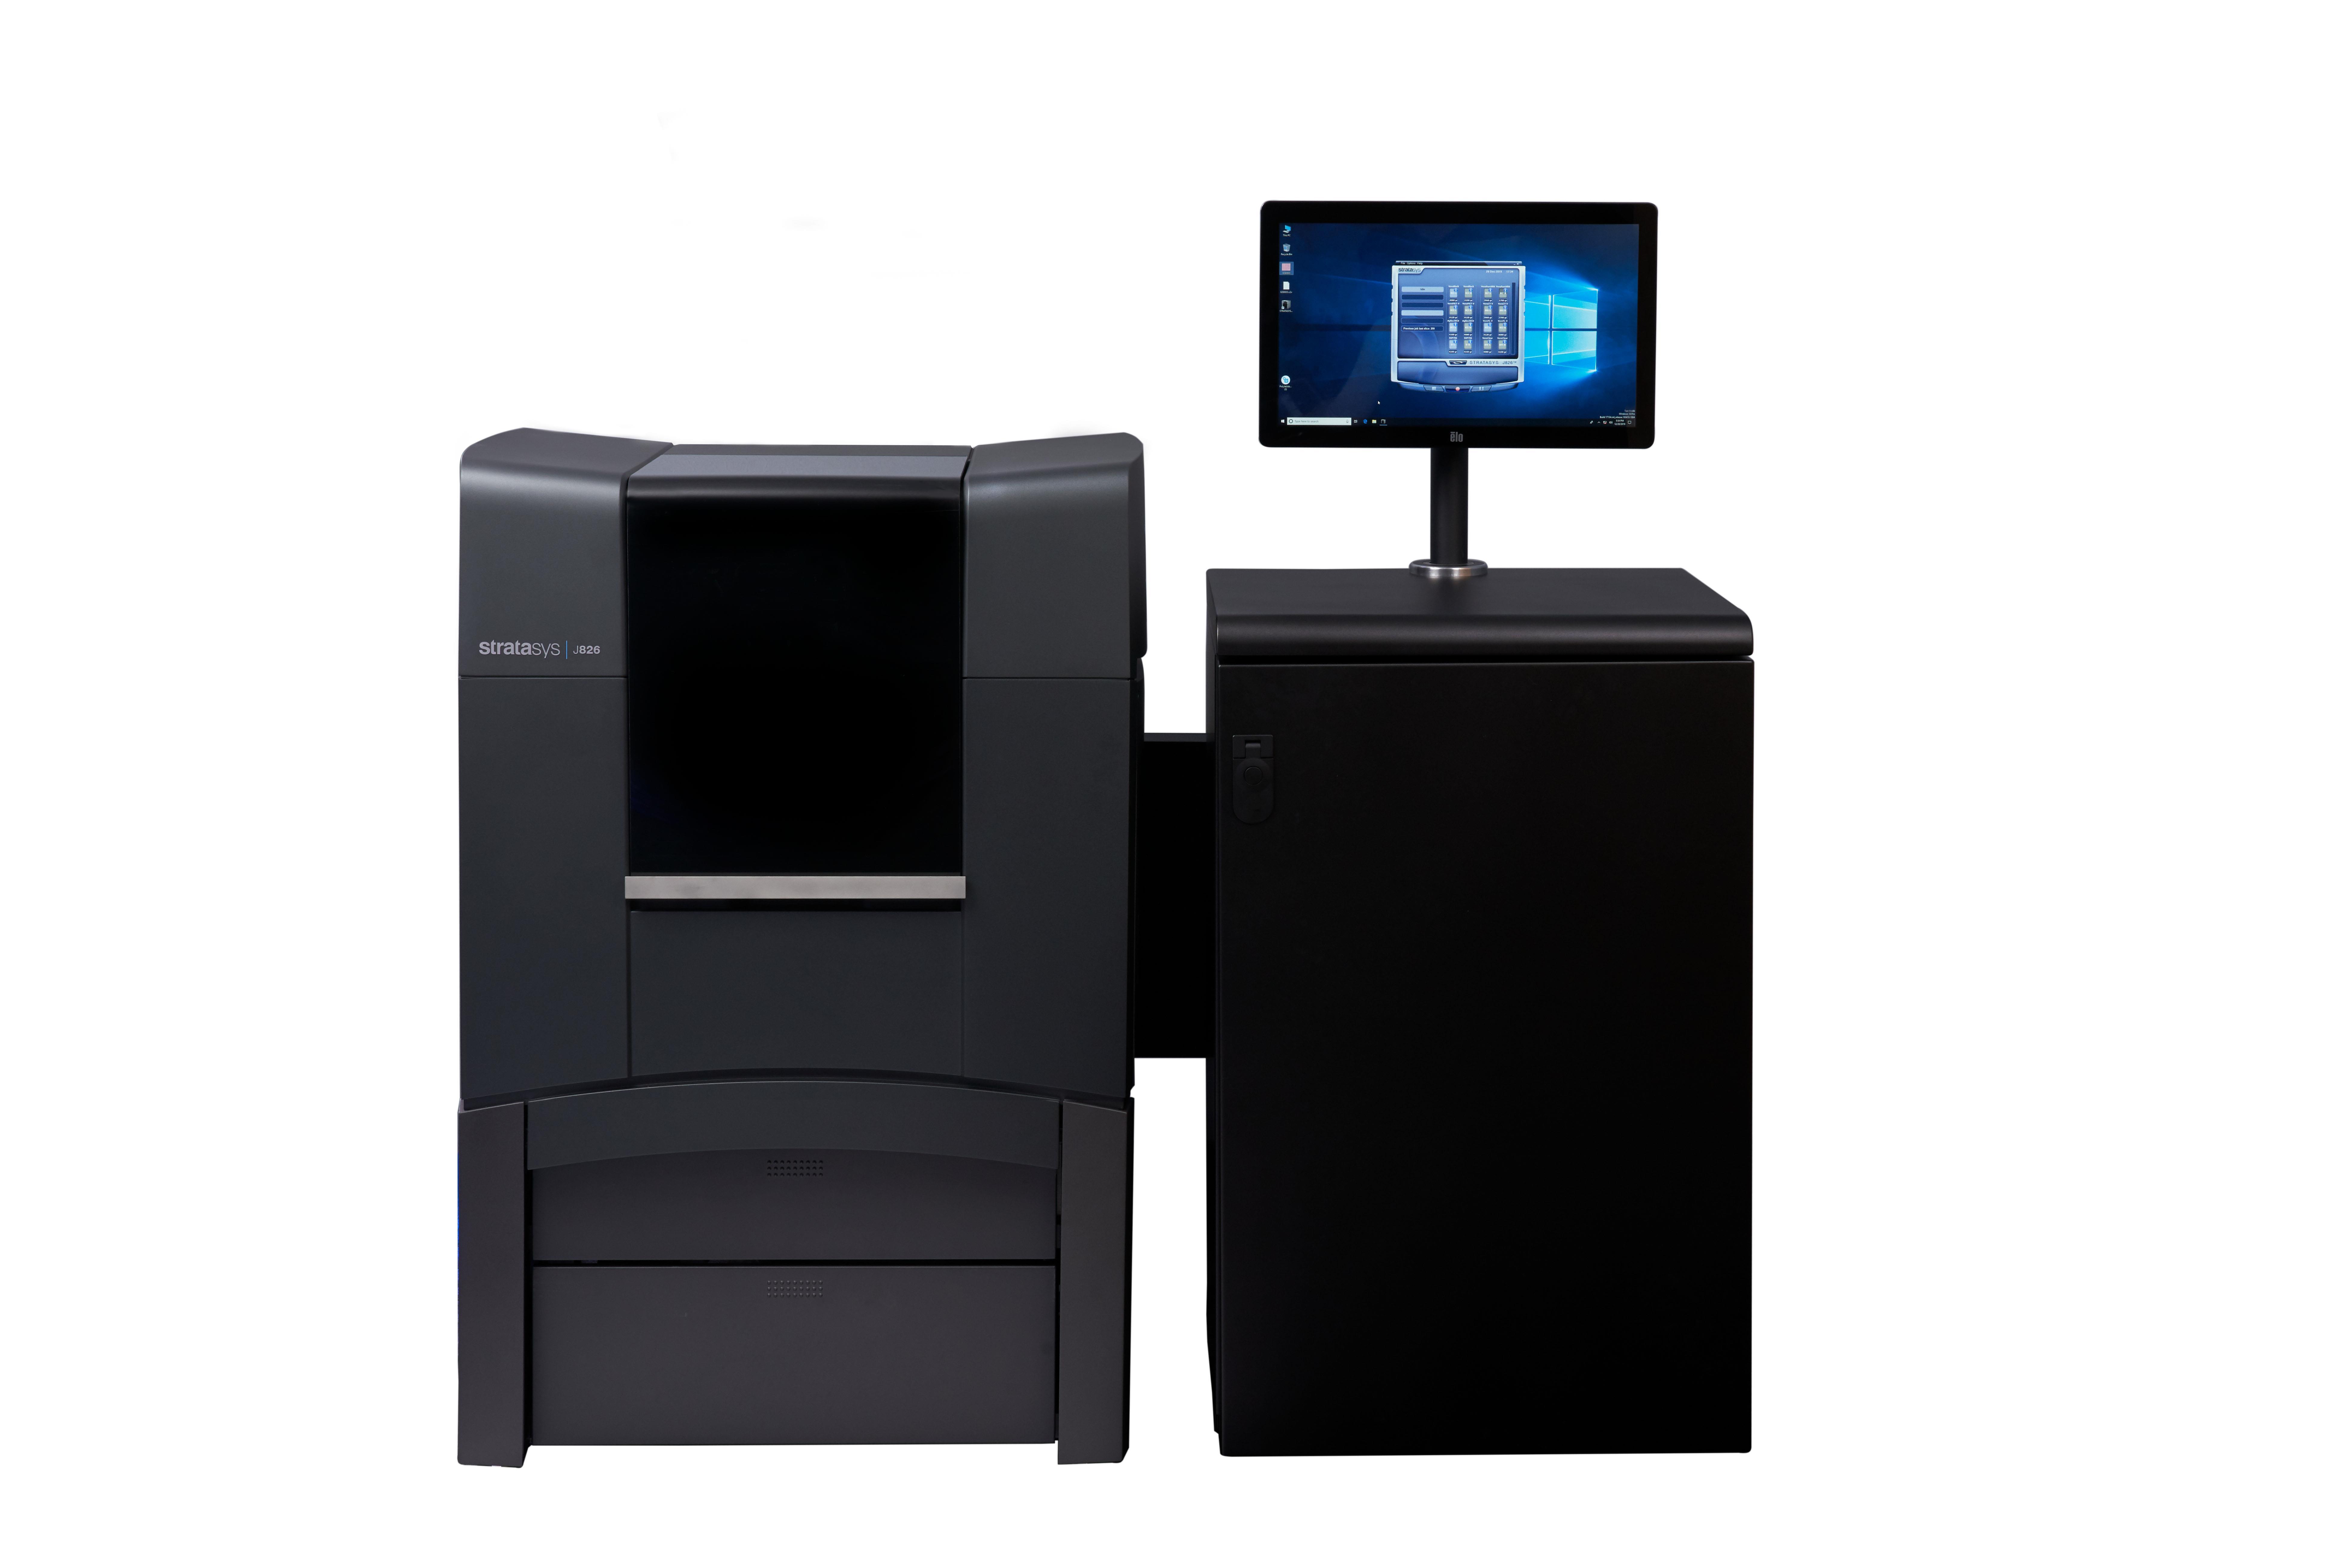 Stratasys J826 - 3D Printing Pantone : เทคโนโลยีการพิมพ์ 3 มิติ ที่มาพร้อมเฉดสี